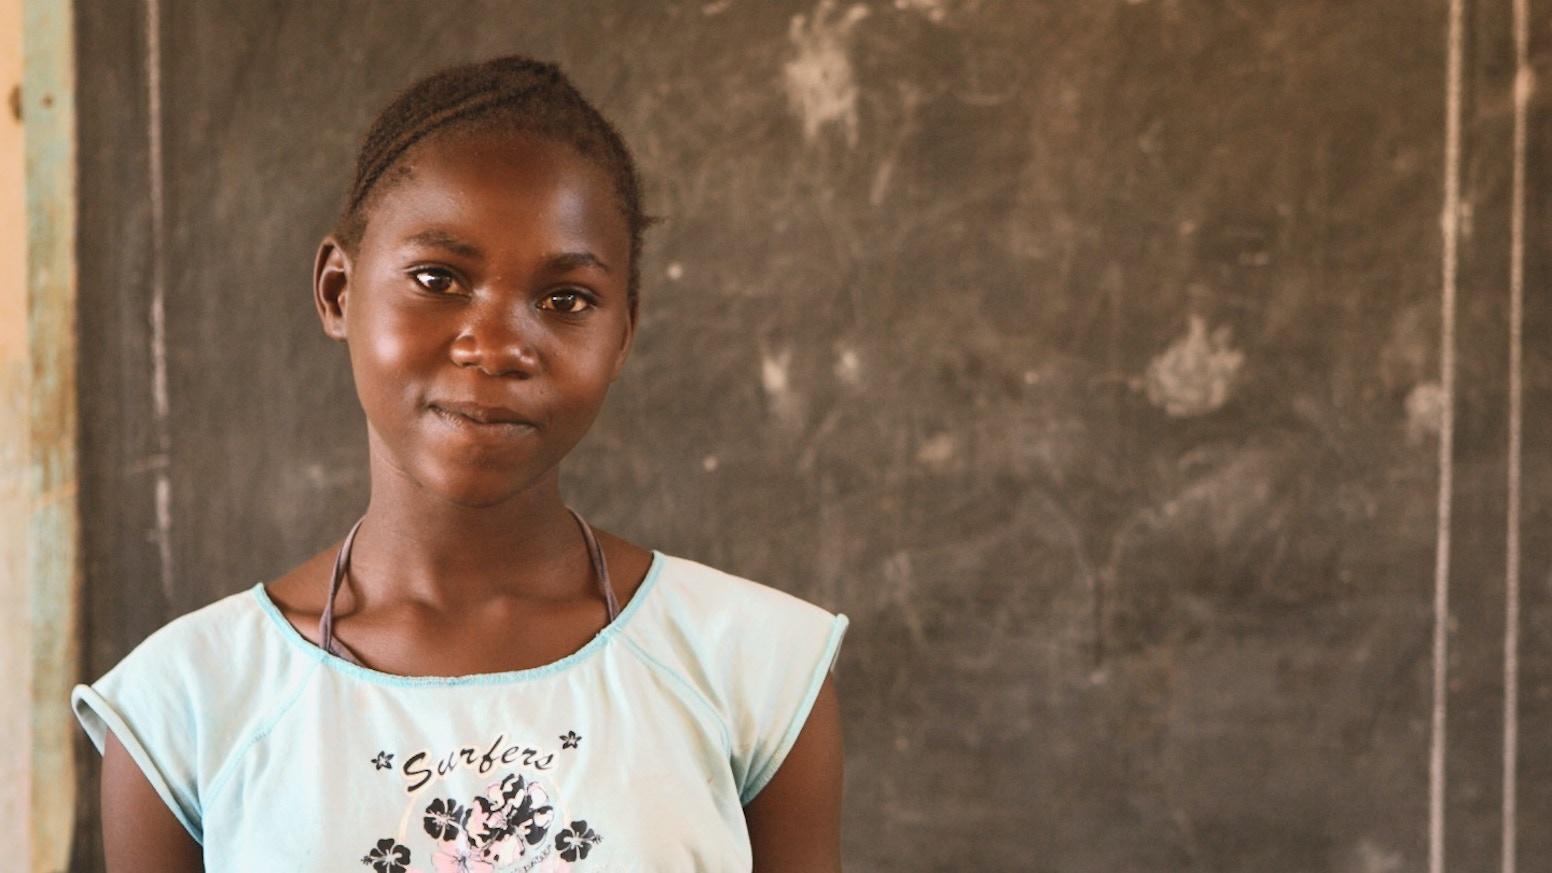 Rosemary wächst bei ihren Großeltern auf. Ohne die Unterstützung eines Paten hätte sie keine Chance auf eine gute Zukunft.